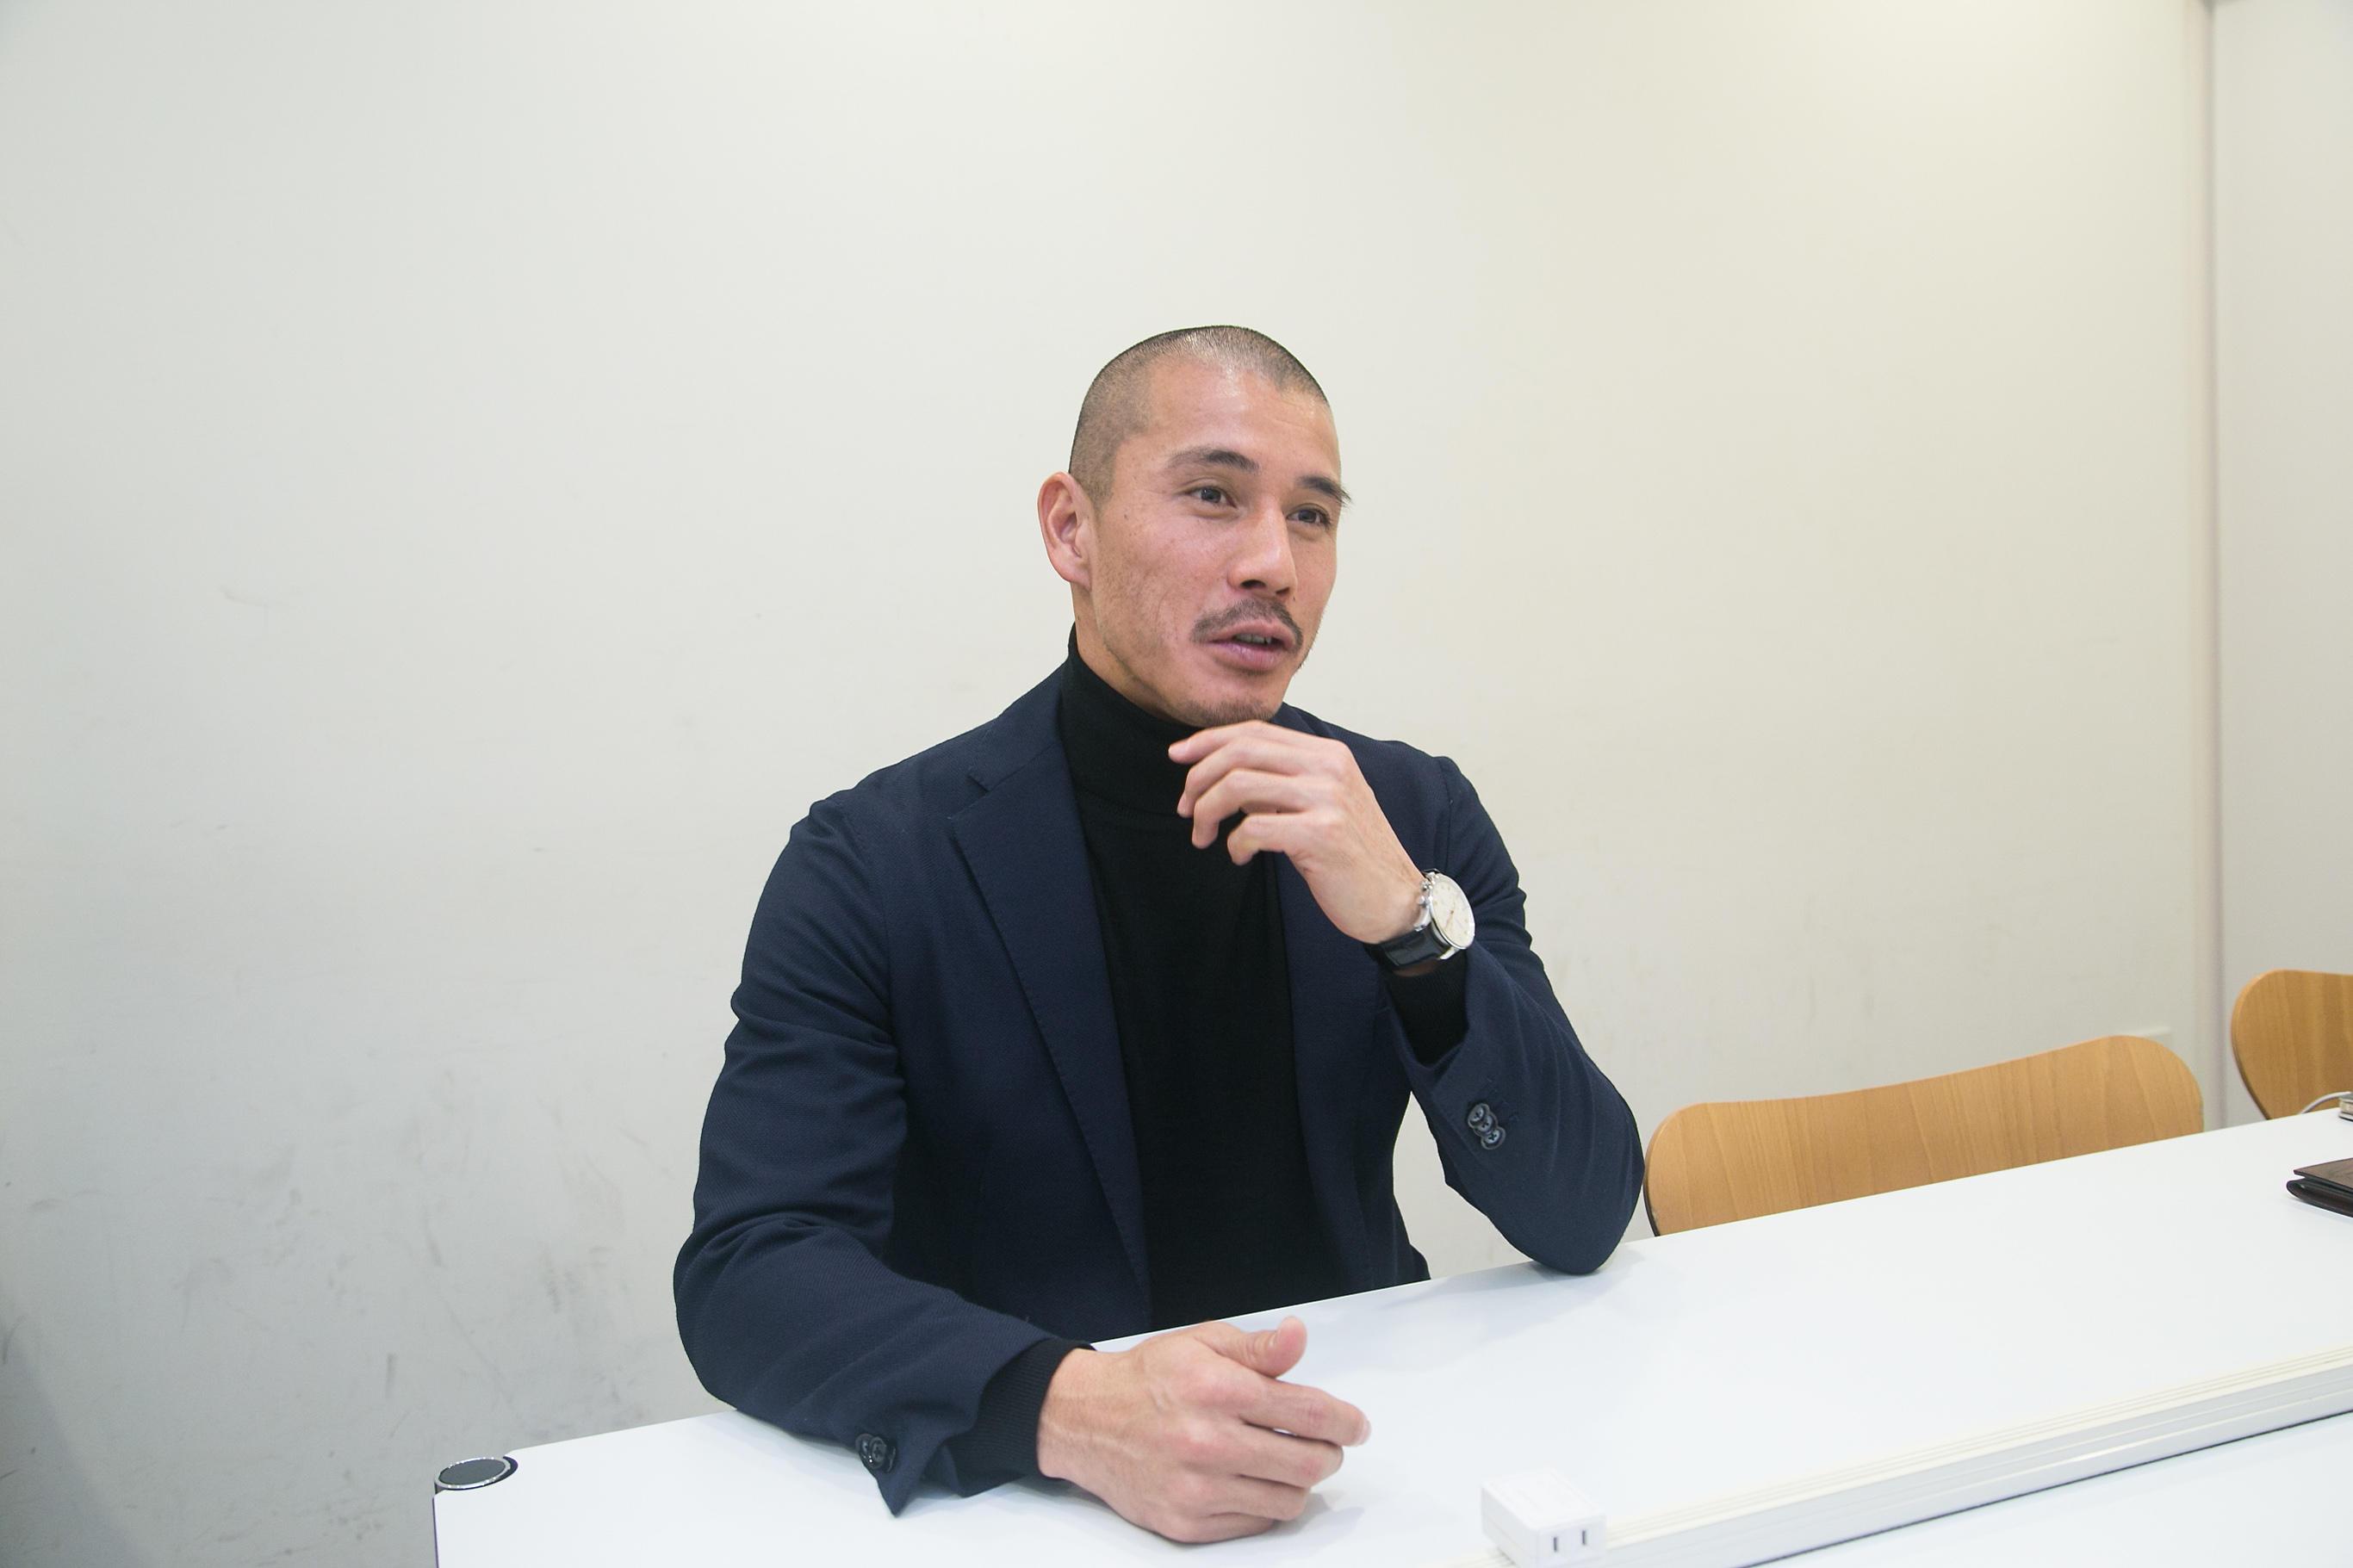 http://news.yoshimoto.co.jp/20180131114458-e52a903a71dc0b300888f115e51b29682fe130db.jpg